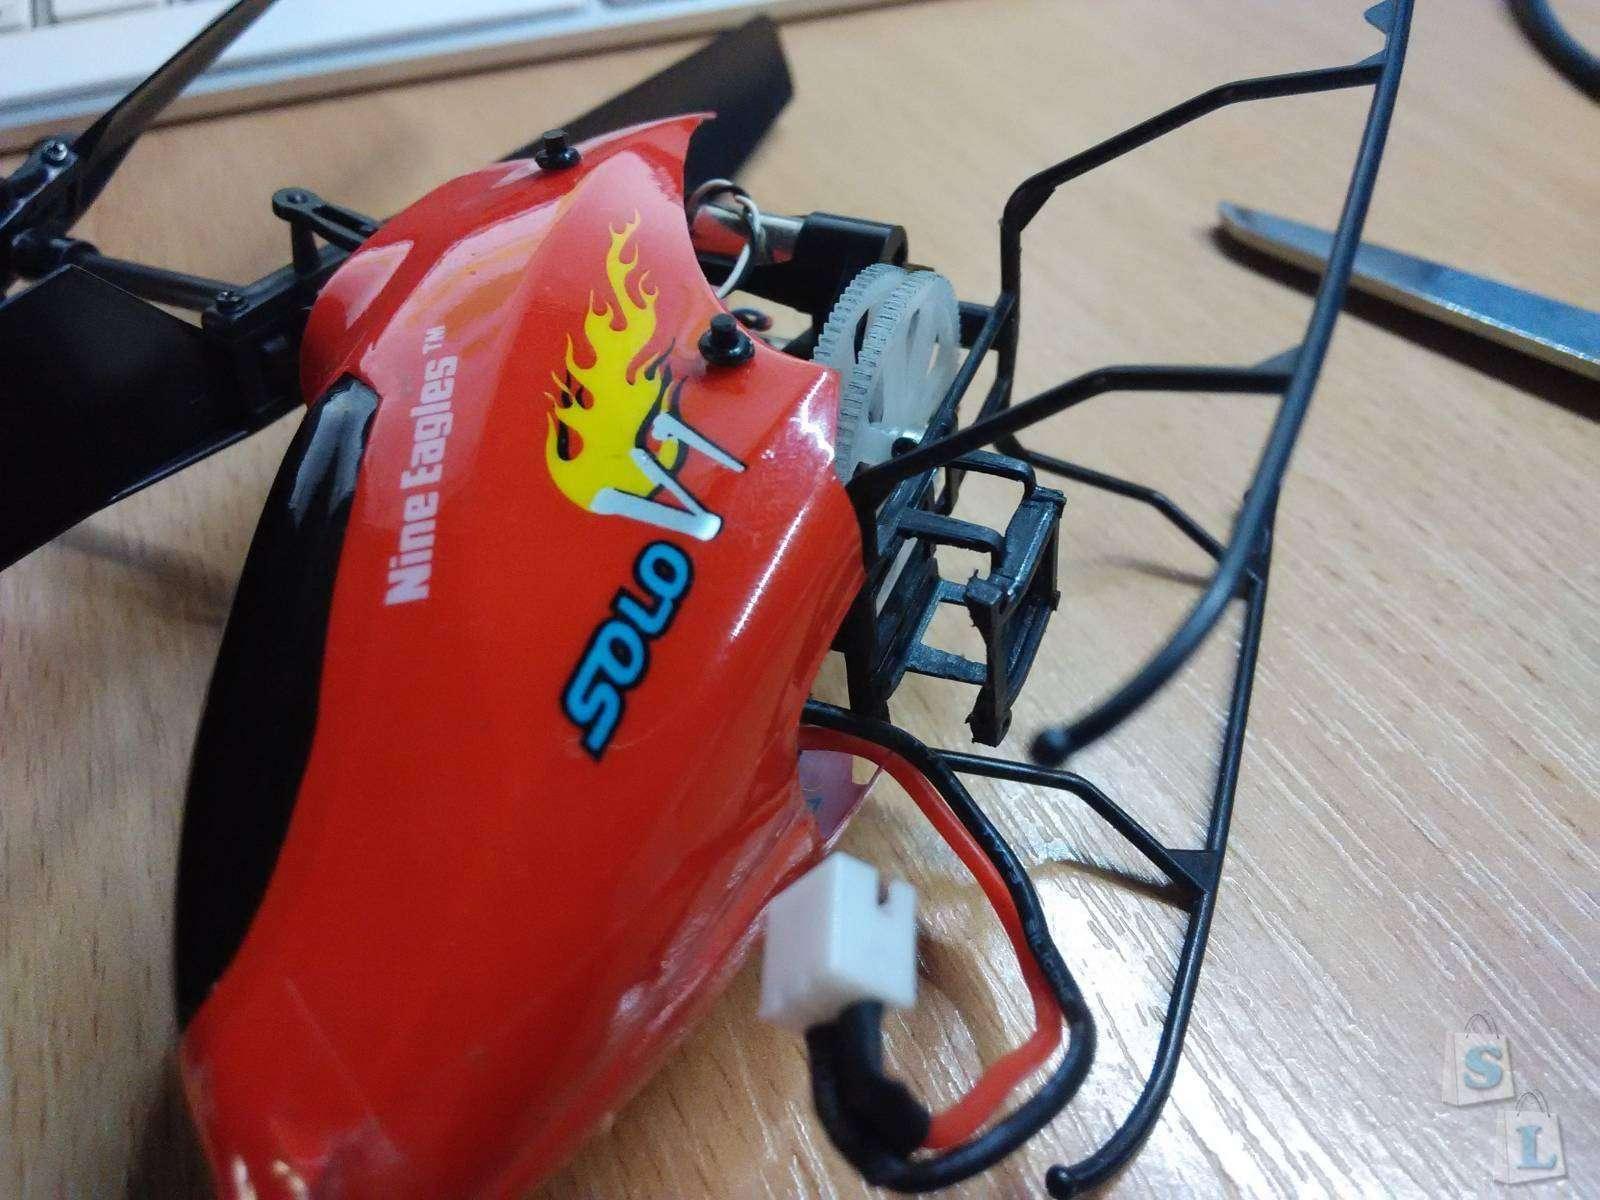 Aliexpress: Аккумулятор 3.7 В 200 мА/ч с зарядным устройством для вертолета Wltoys V911 но куплен не для него :) История покупки и использования.